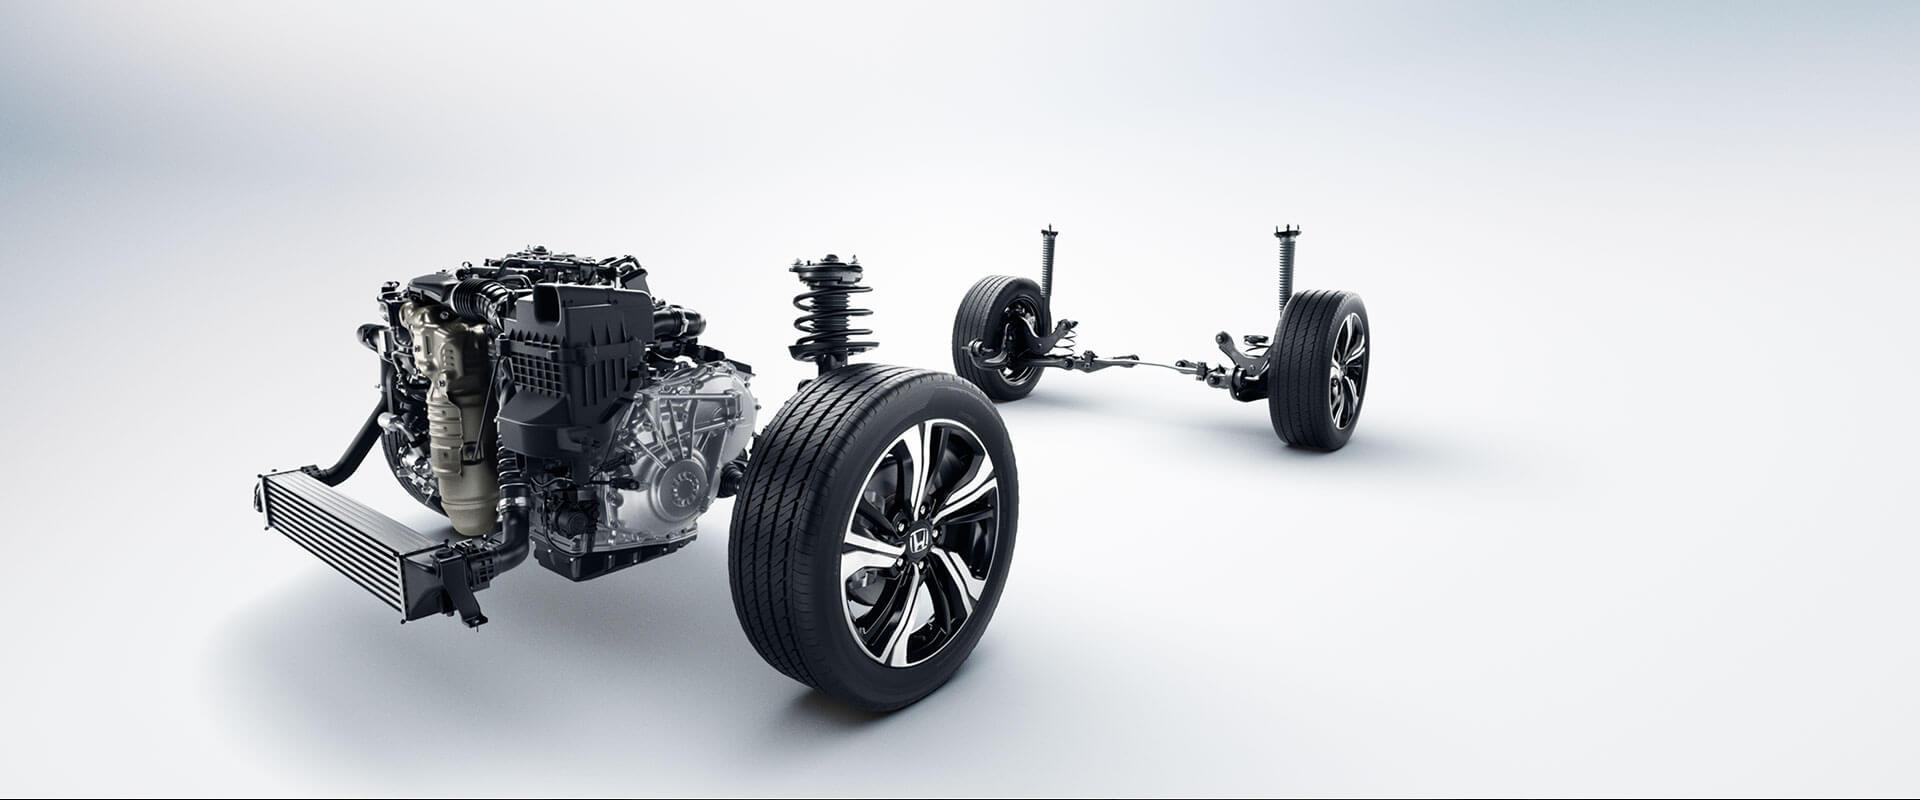 2016 Honda Civic engine suspension